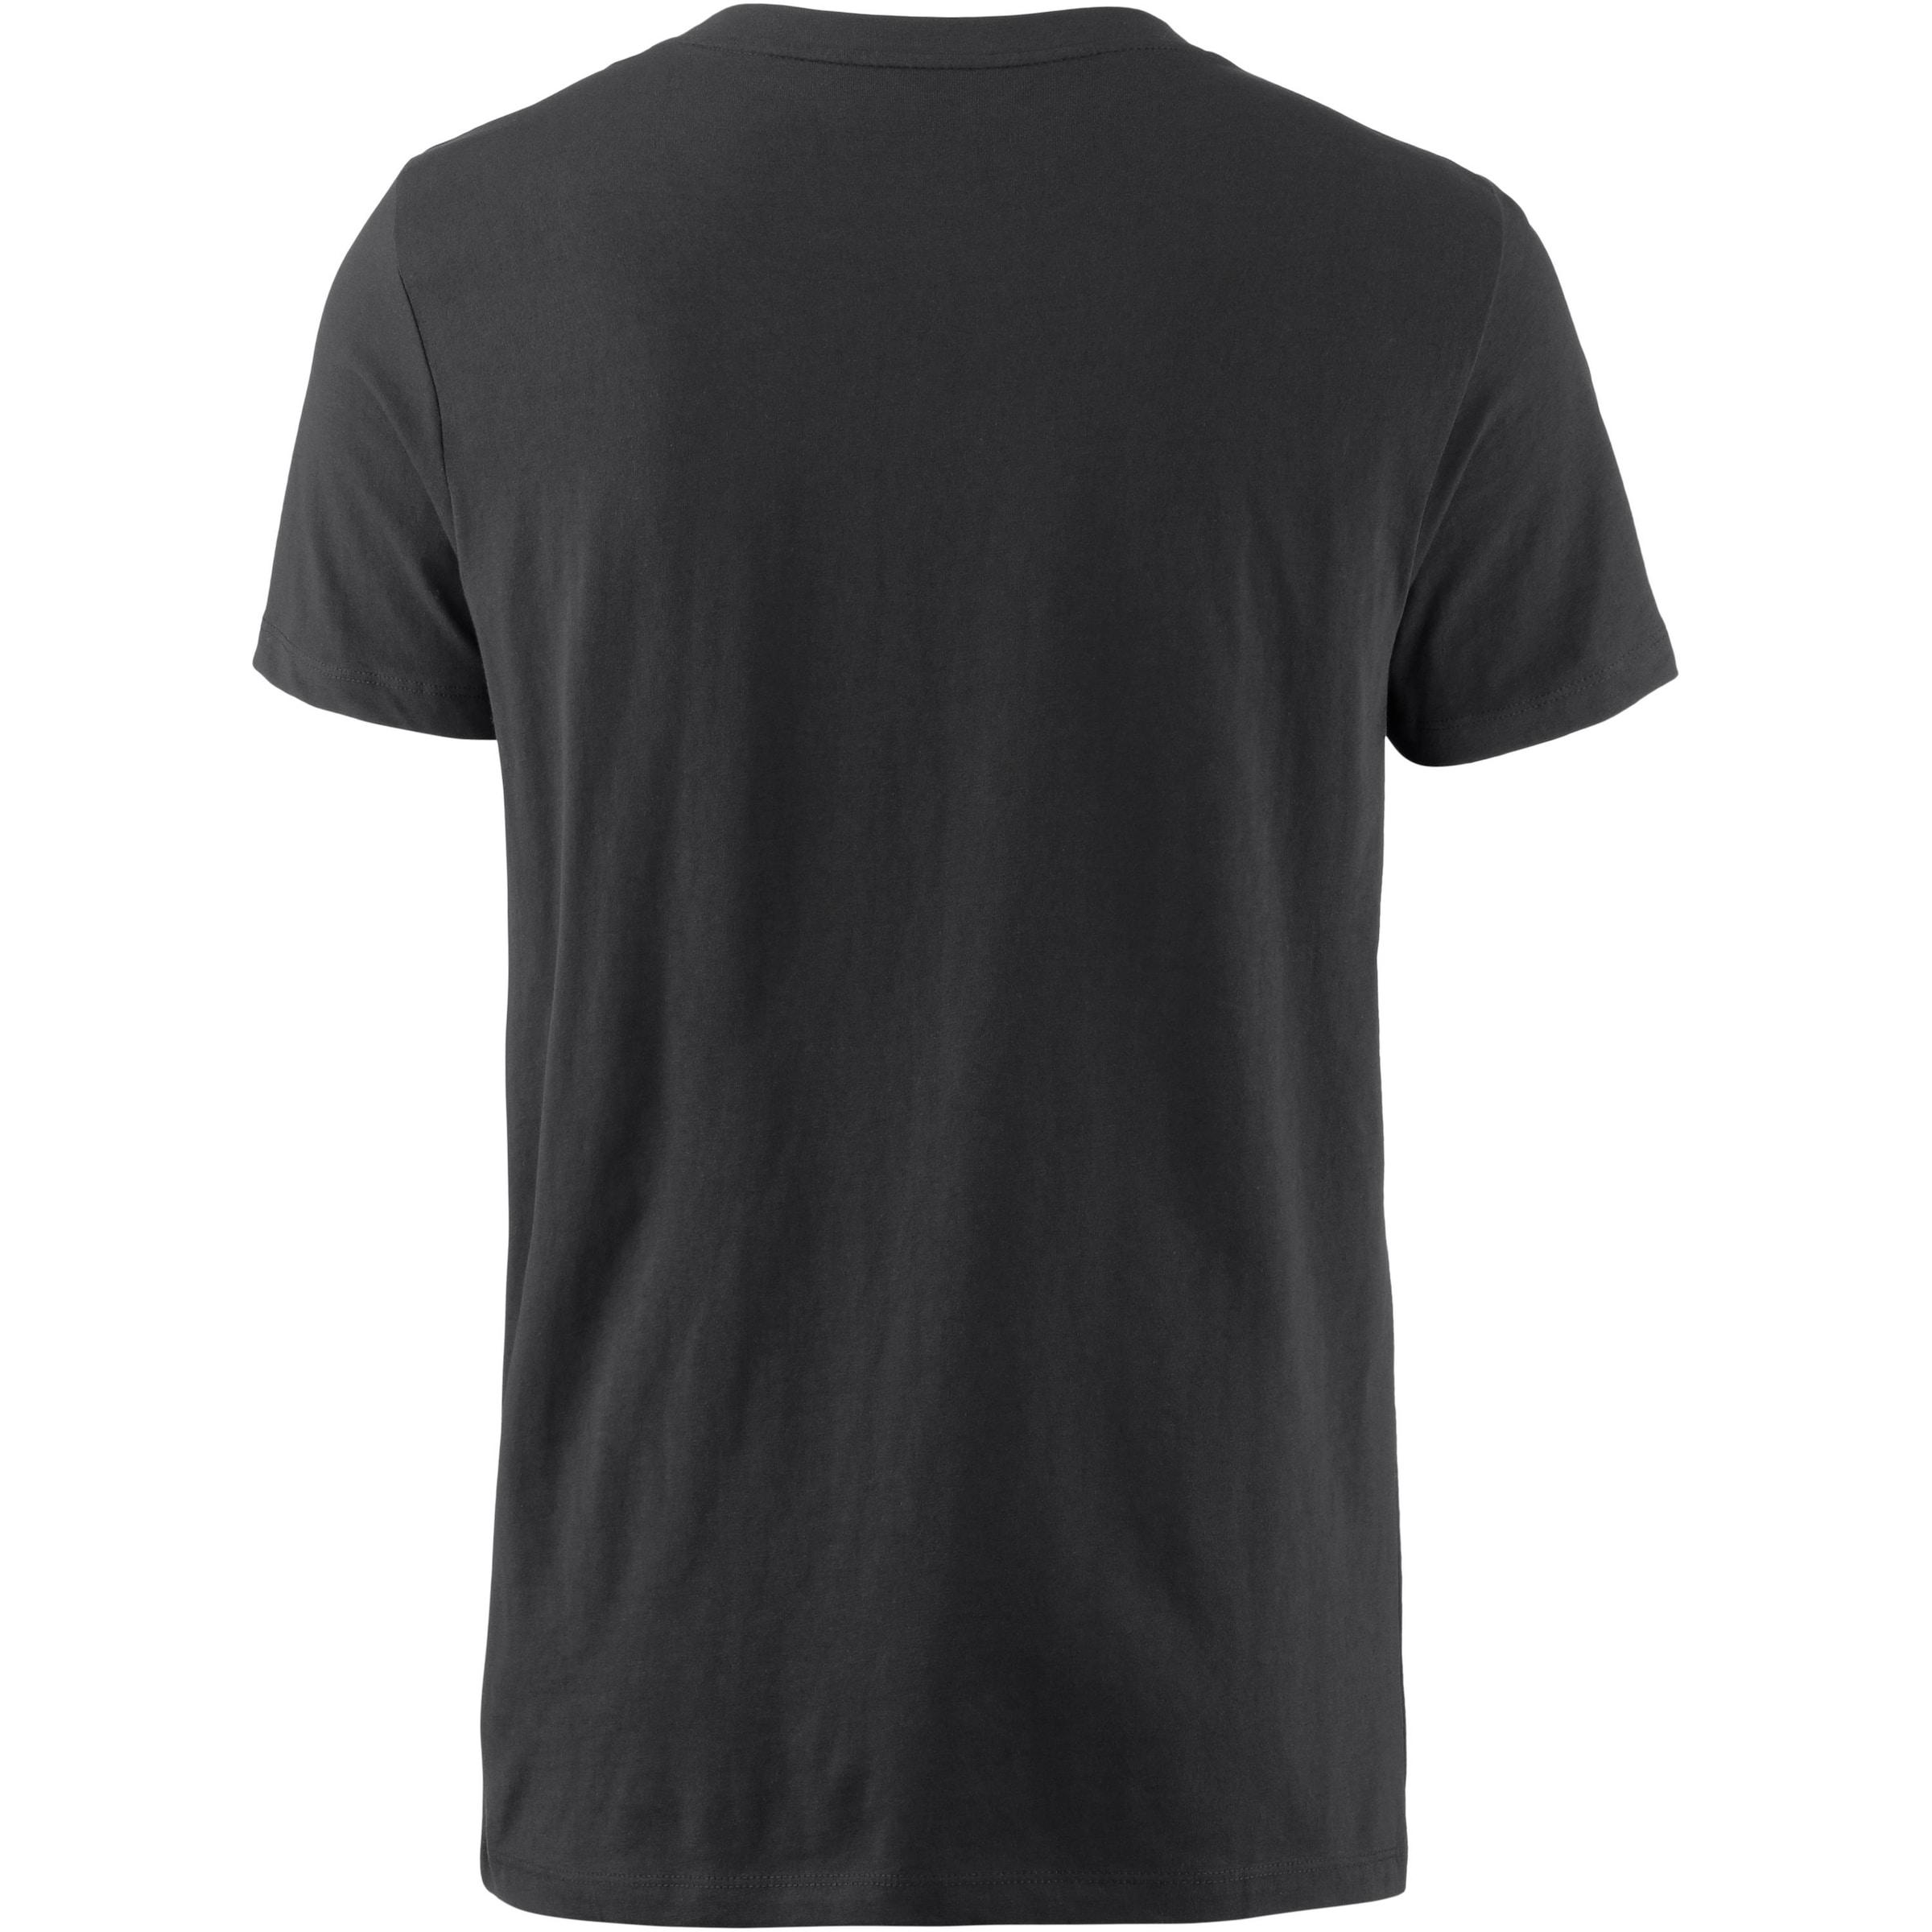 TOM TAILOR T-Shirt Herren Bester Verkauf Günstiger Preis Ziellinie Billig Verkauf Freies Verschiffen Verkauf Manchester Großer Verkauf 4OXNgCsB